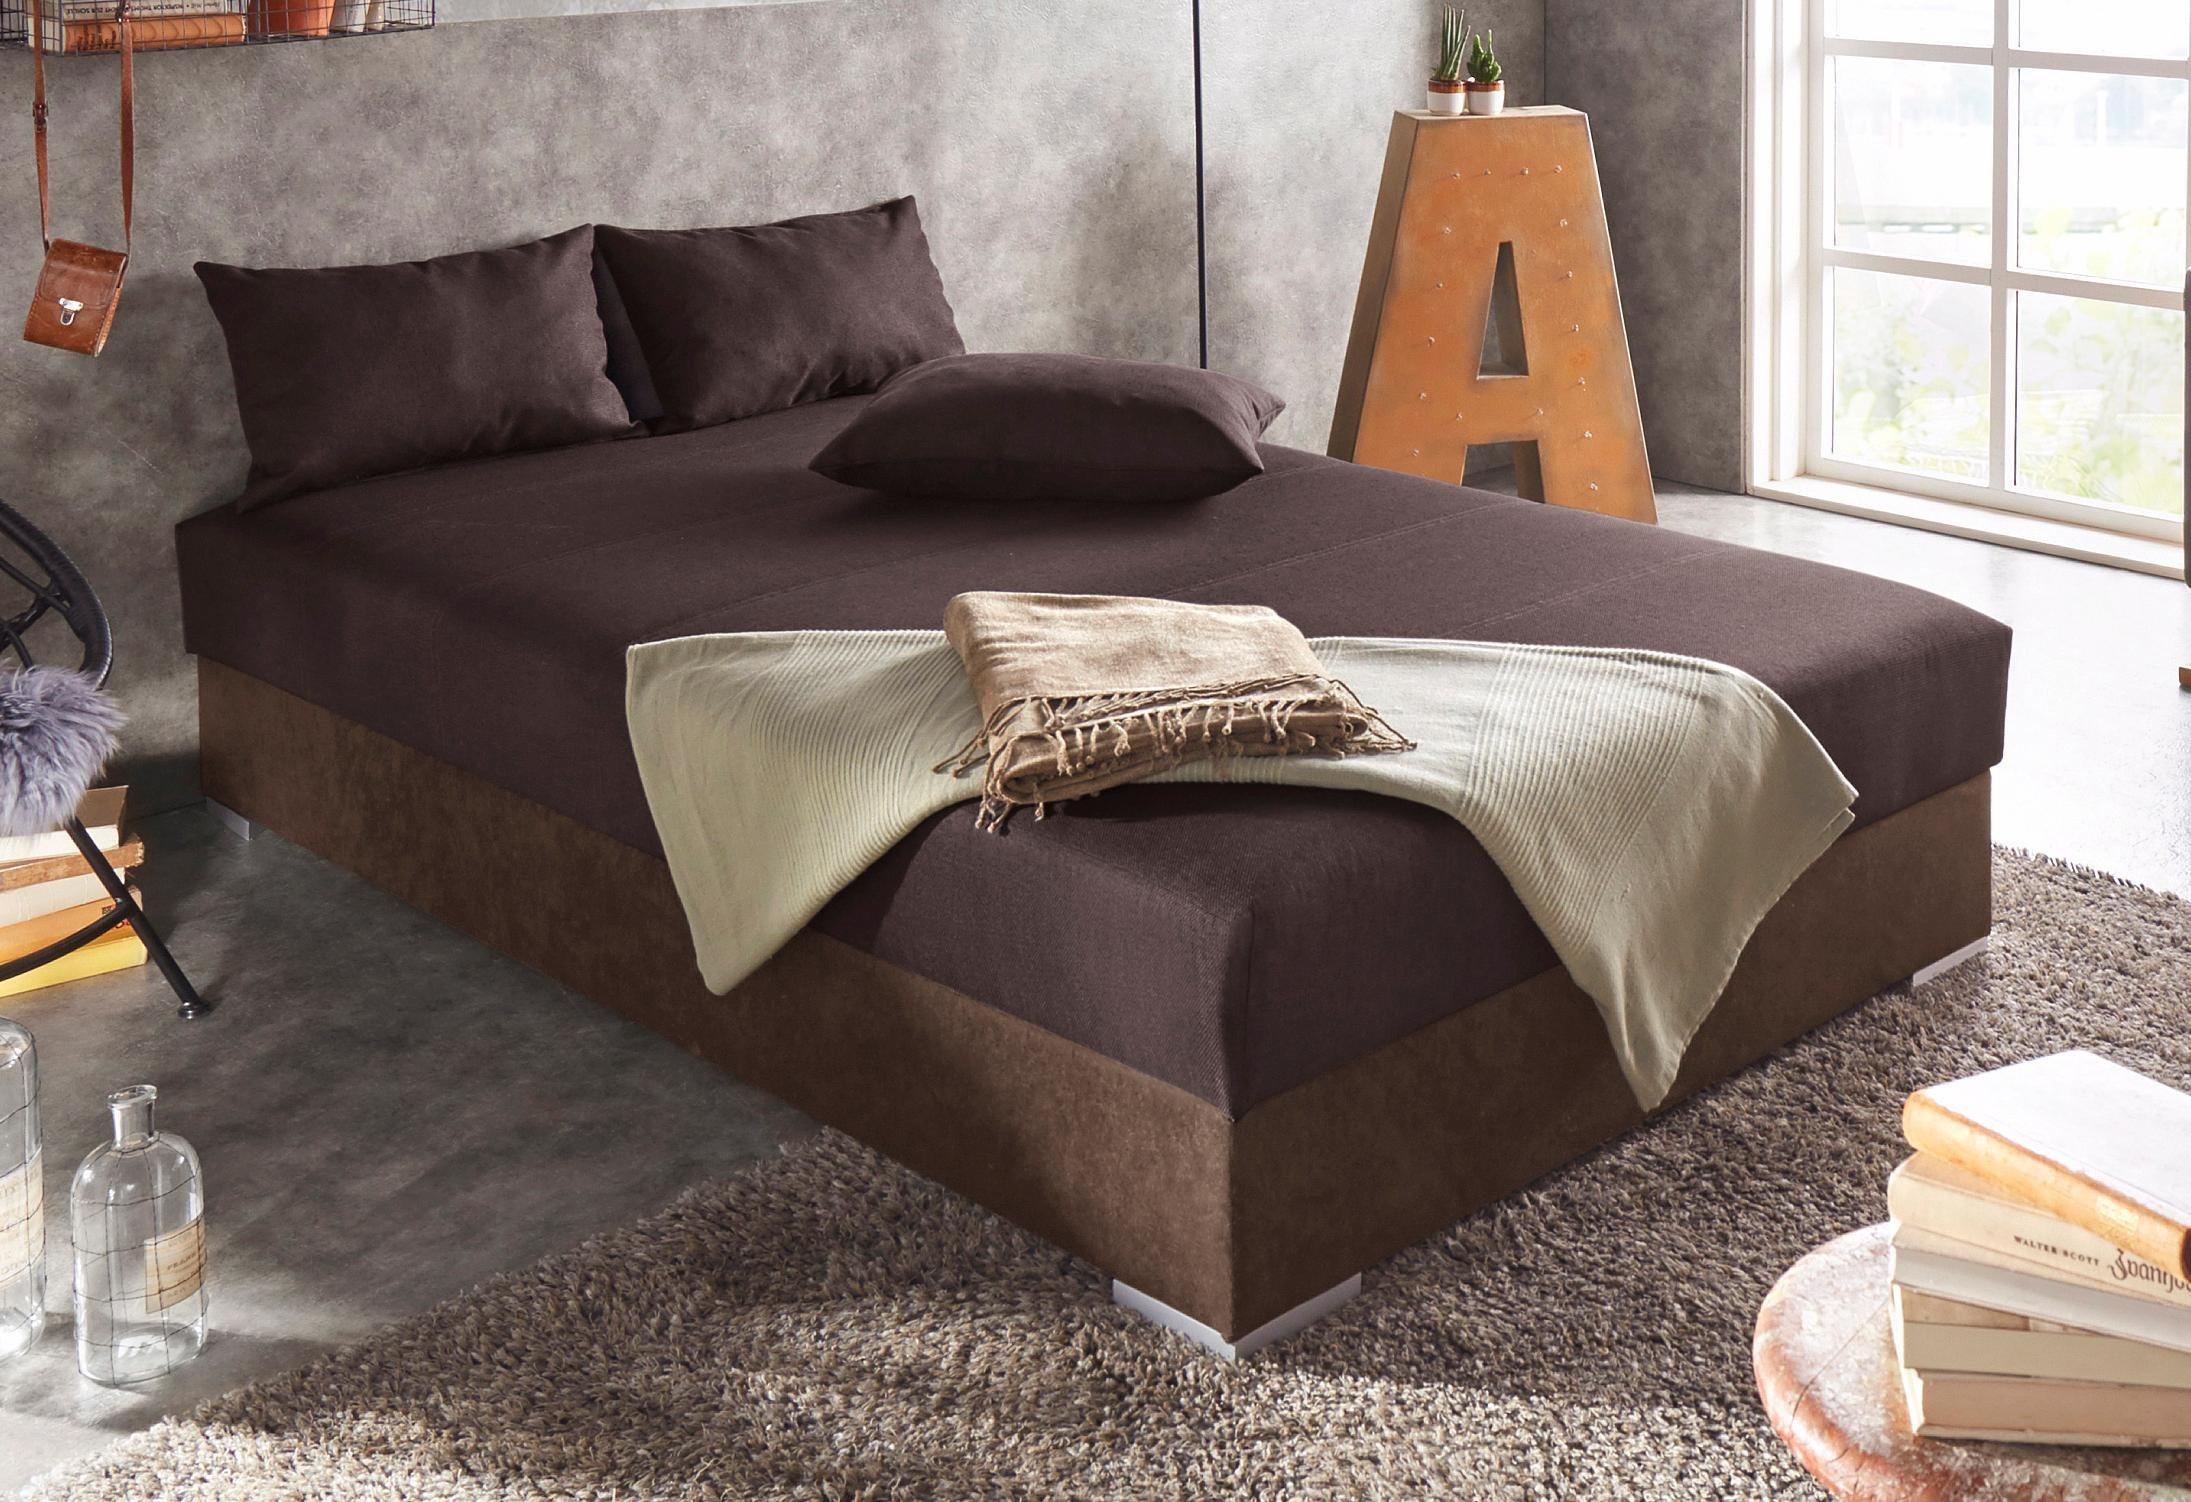 Hapo Polsterliege, mit Bettkasten | Schlafzimmer > Schlafsofas > Schlafsofas & Polsterliegen | Federn - Strukturstoff | hapo